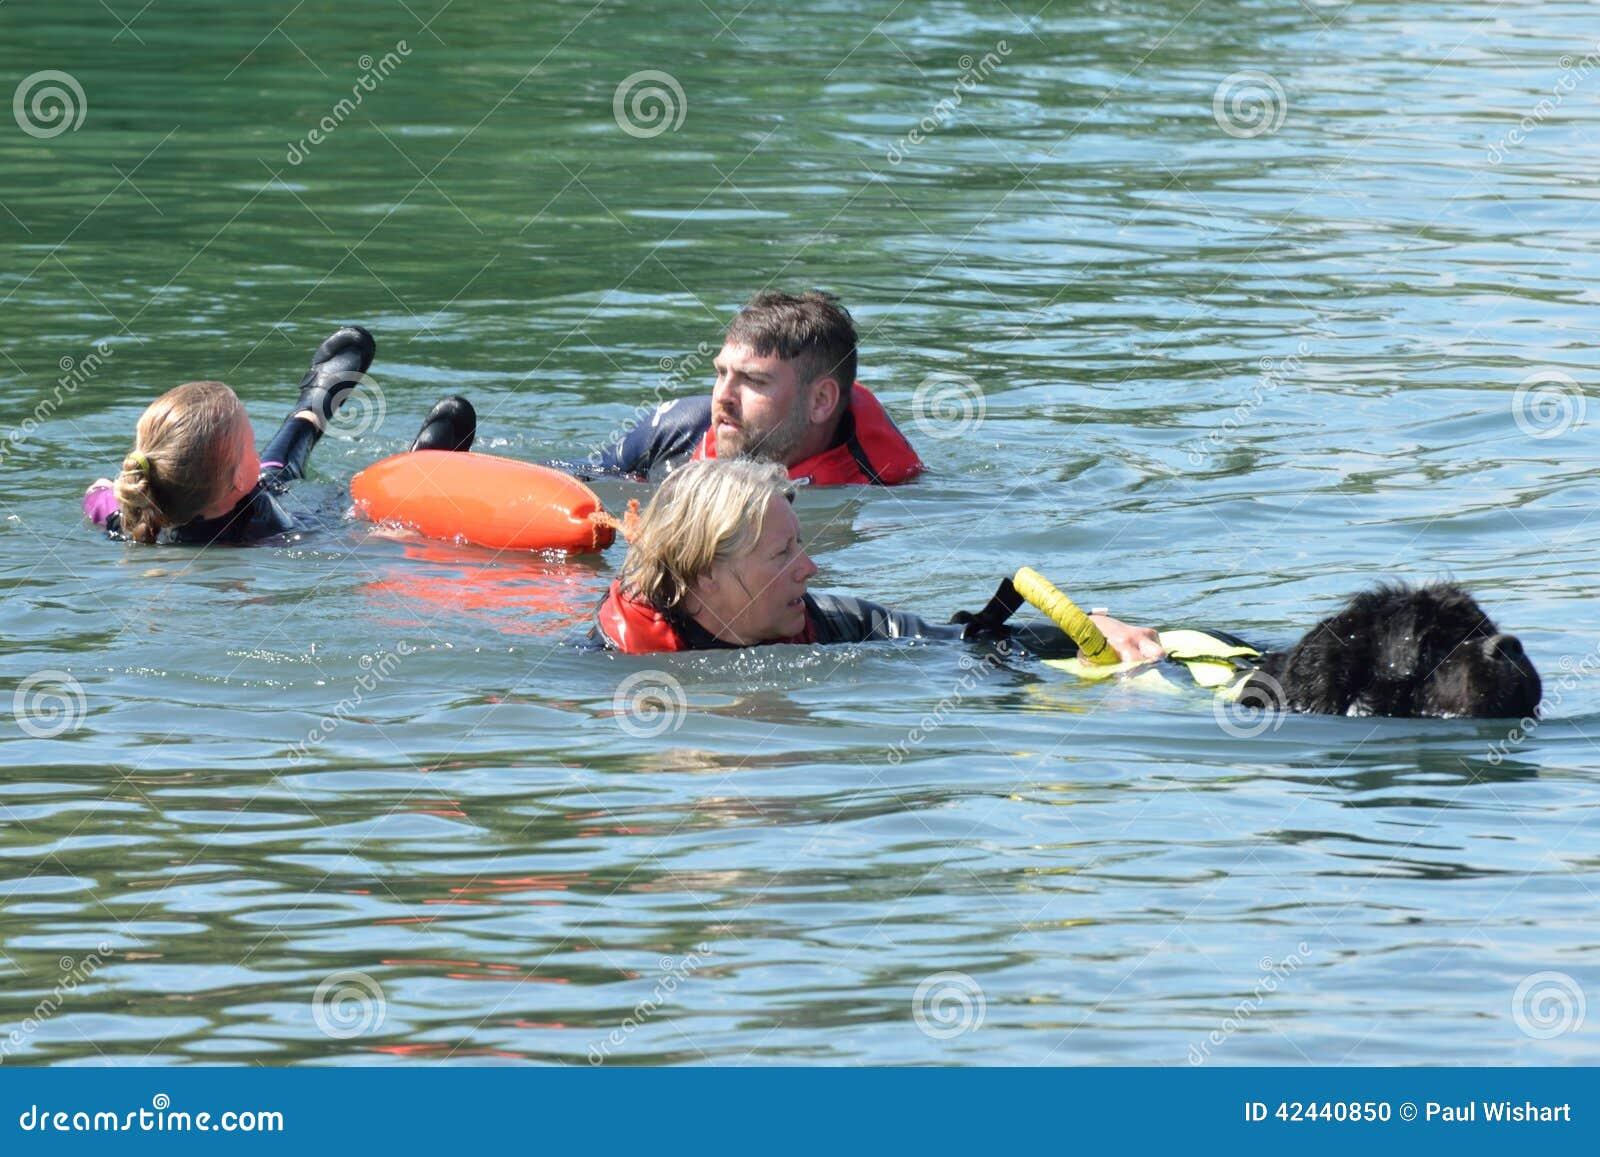 Dog Rescue Essex Uk